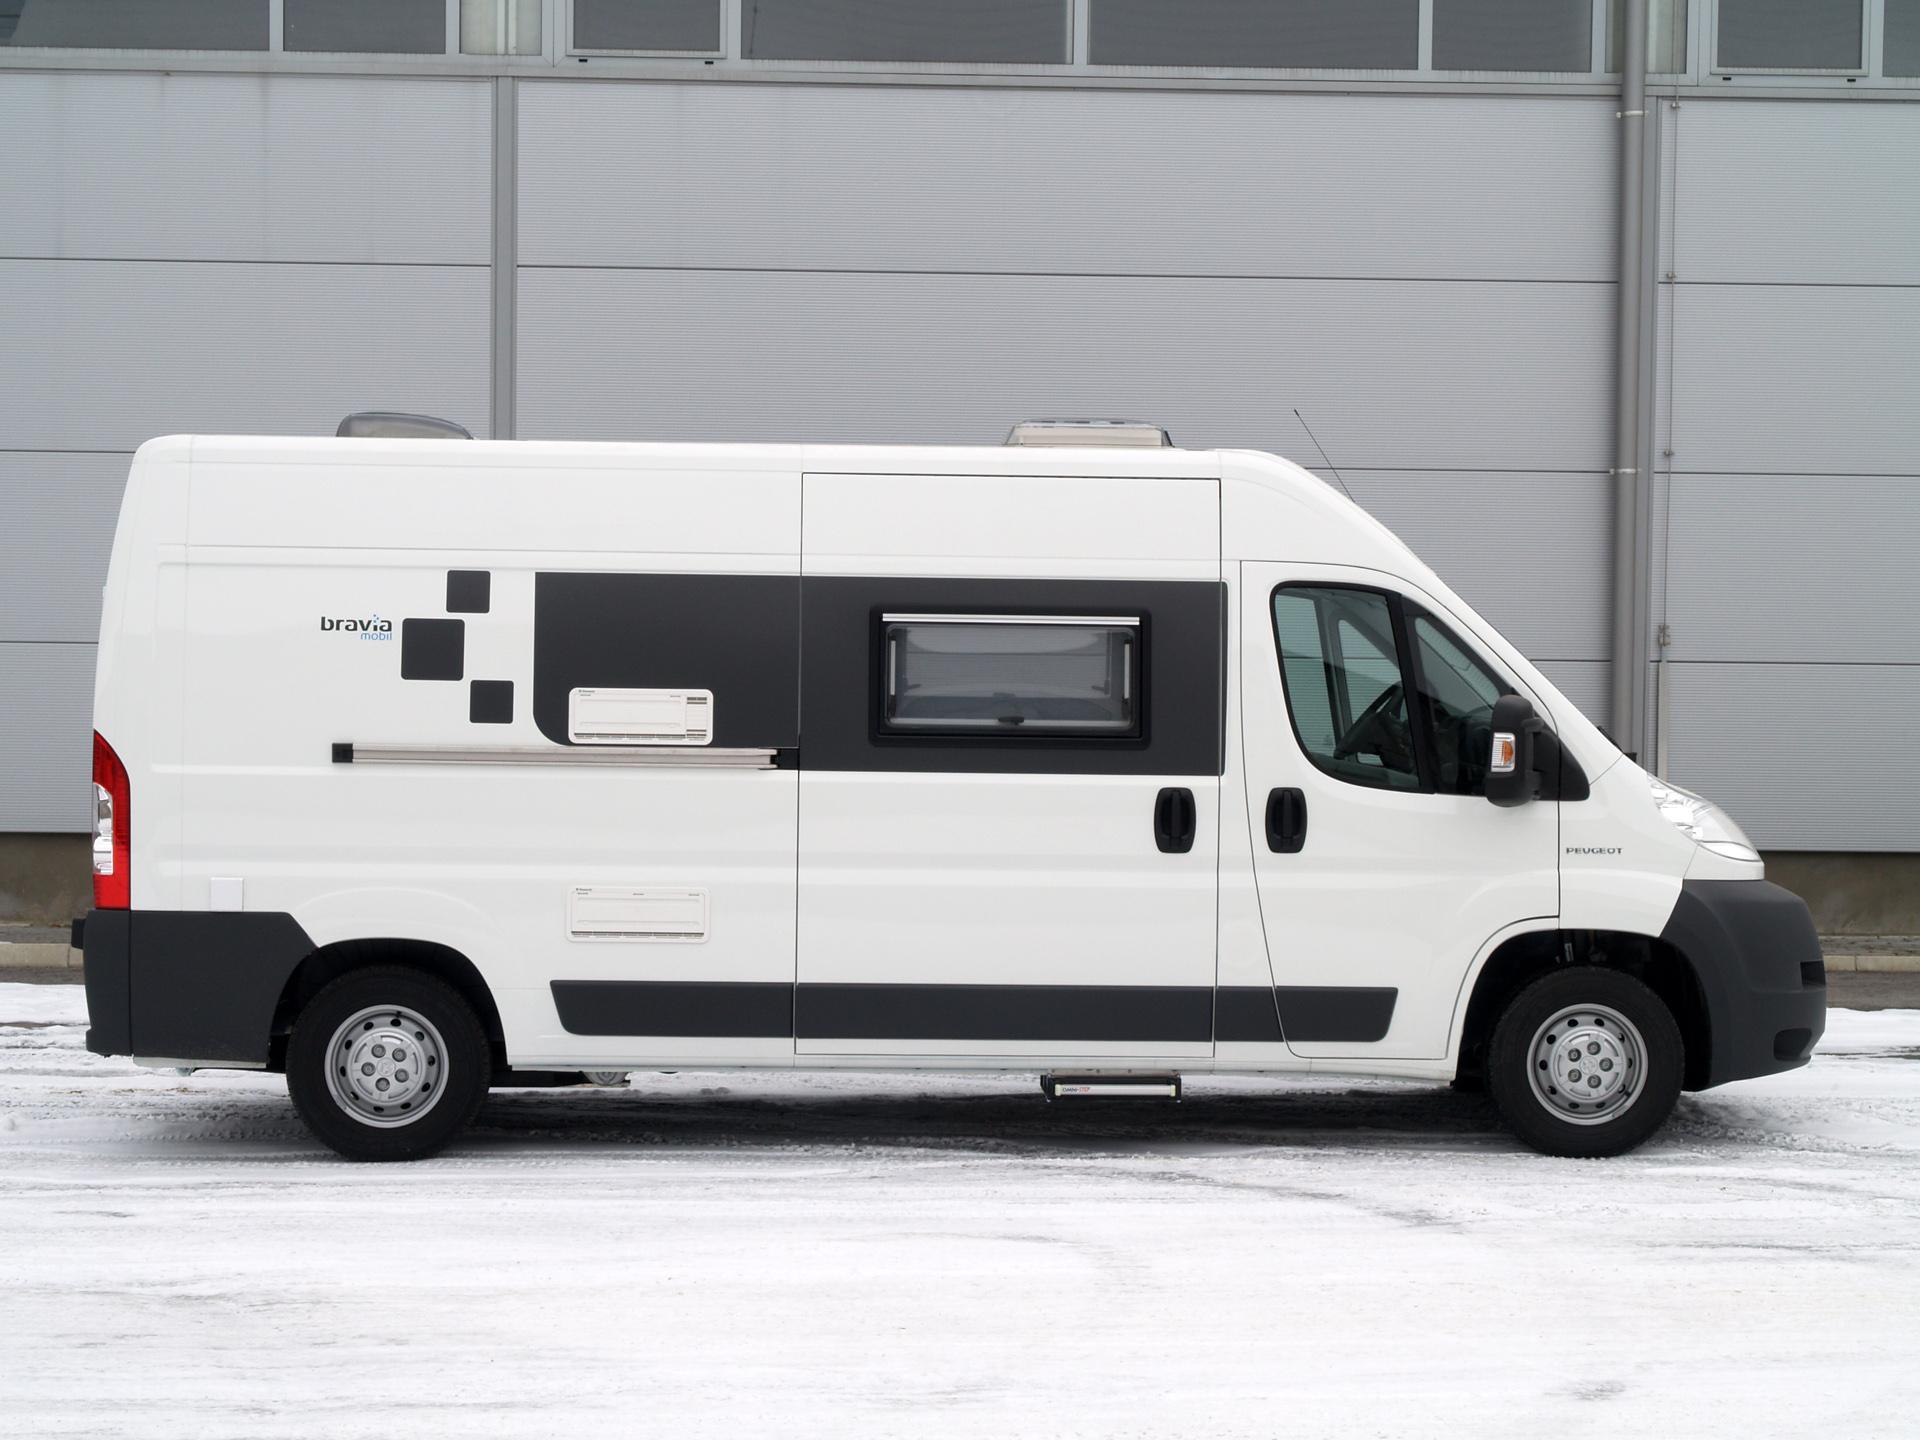 Авто тюнинг микроавтобус ситроен пежо фото